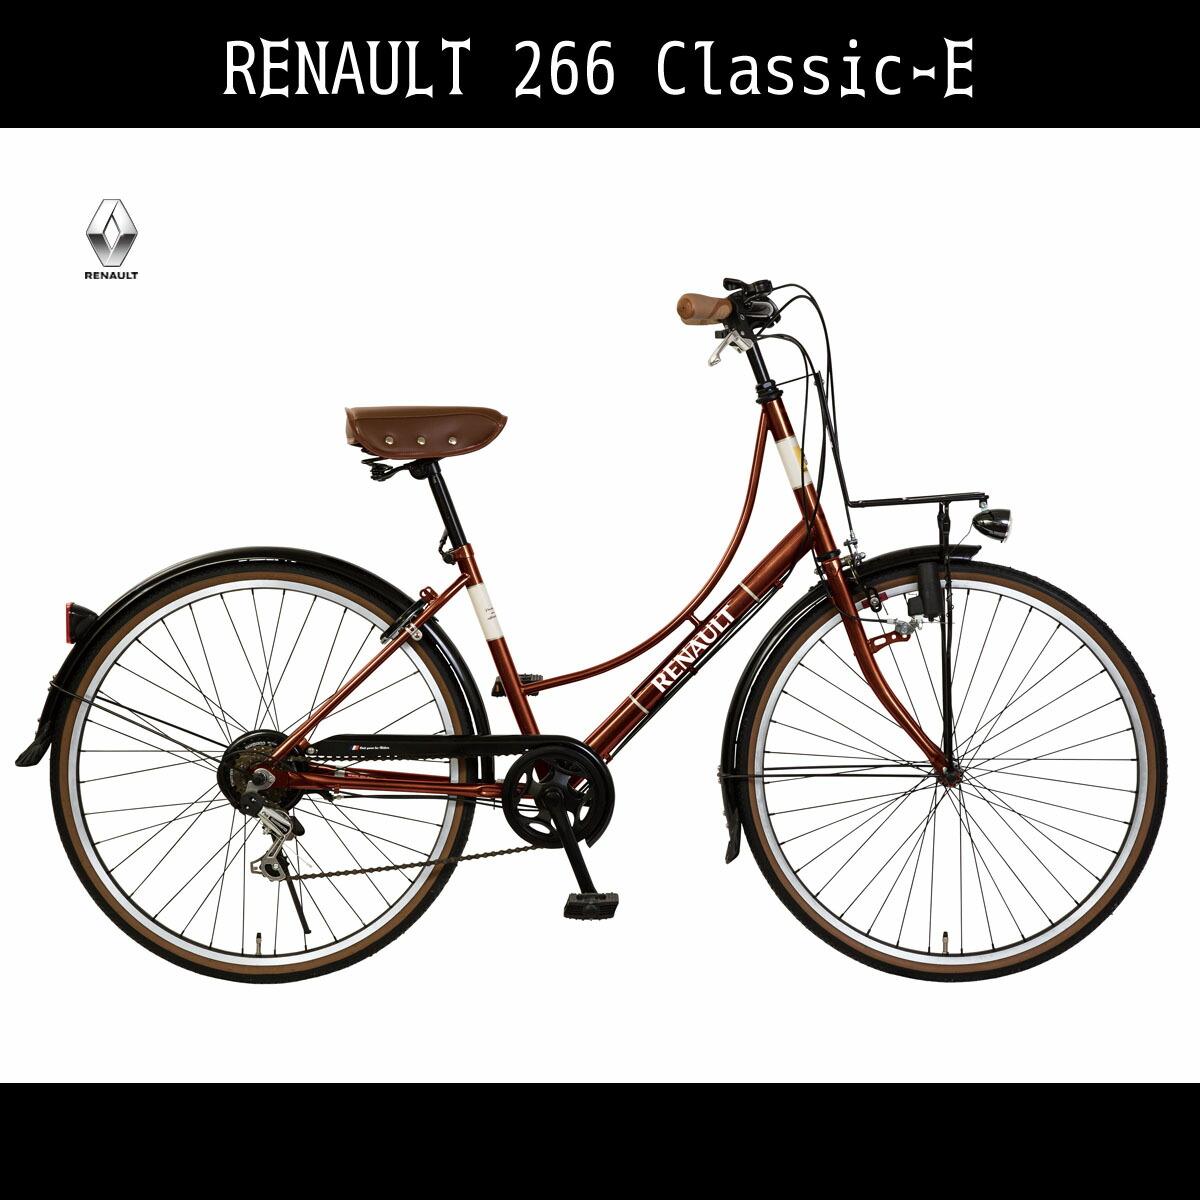 雨の日も安心 傘固定器具付 さすべえセット 自転車 ルノー RENAULT ブラウン/茶色 シティサイクル 26インチ 外装6段変速ギア付き LEDライト ローラーブレーキ、鍵付きおしゃれ ママチャリ ルノー 自転車 266L Classic-E